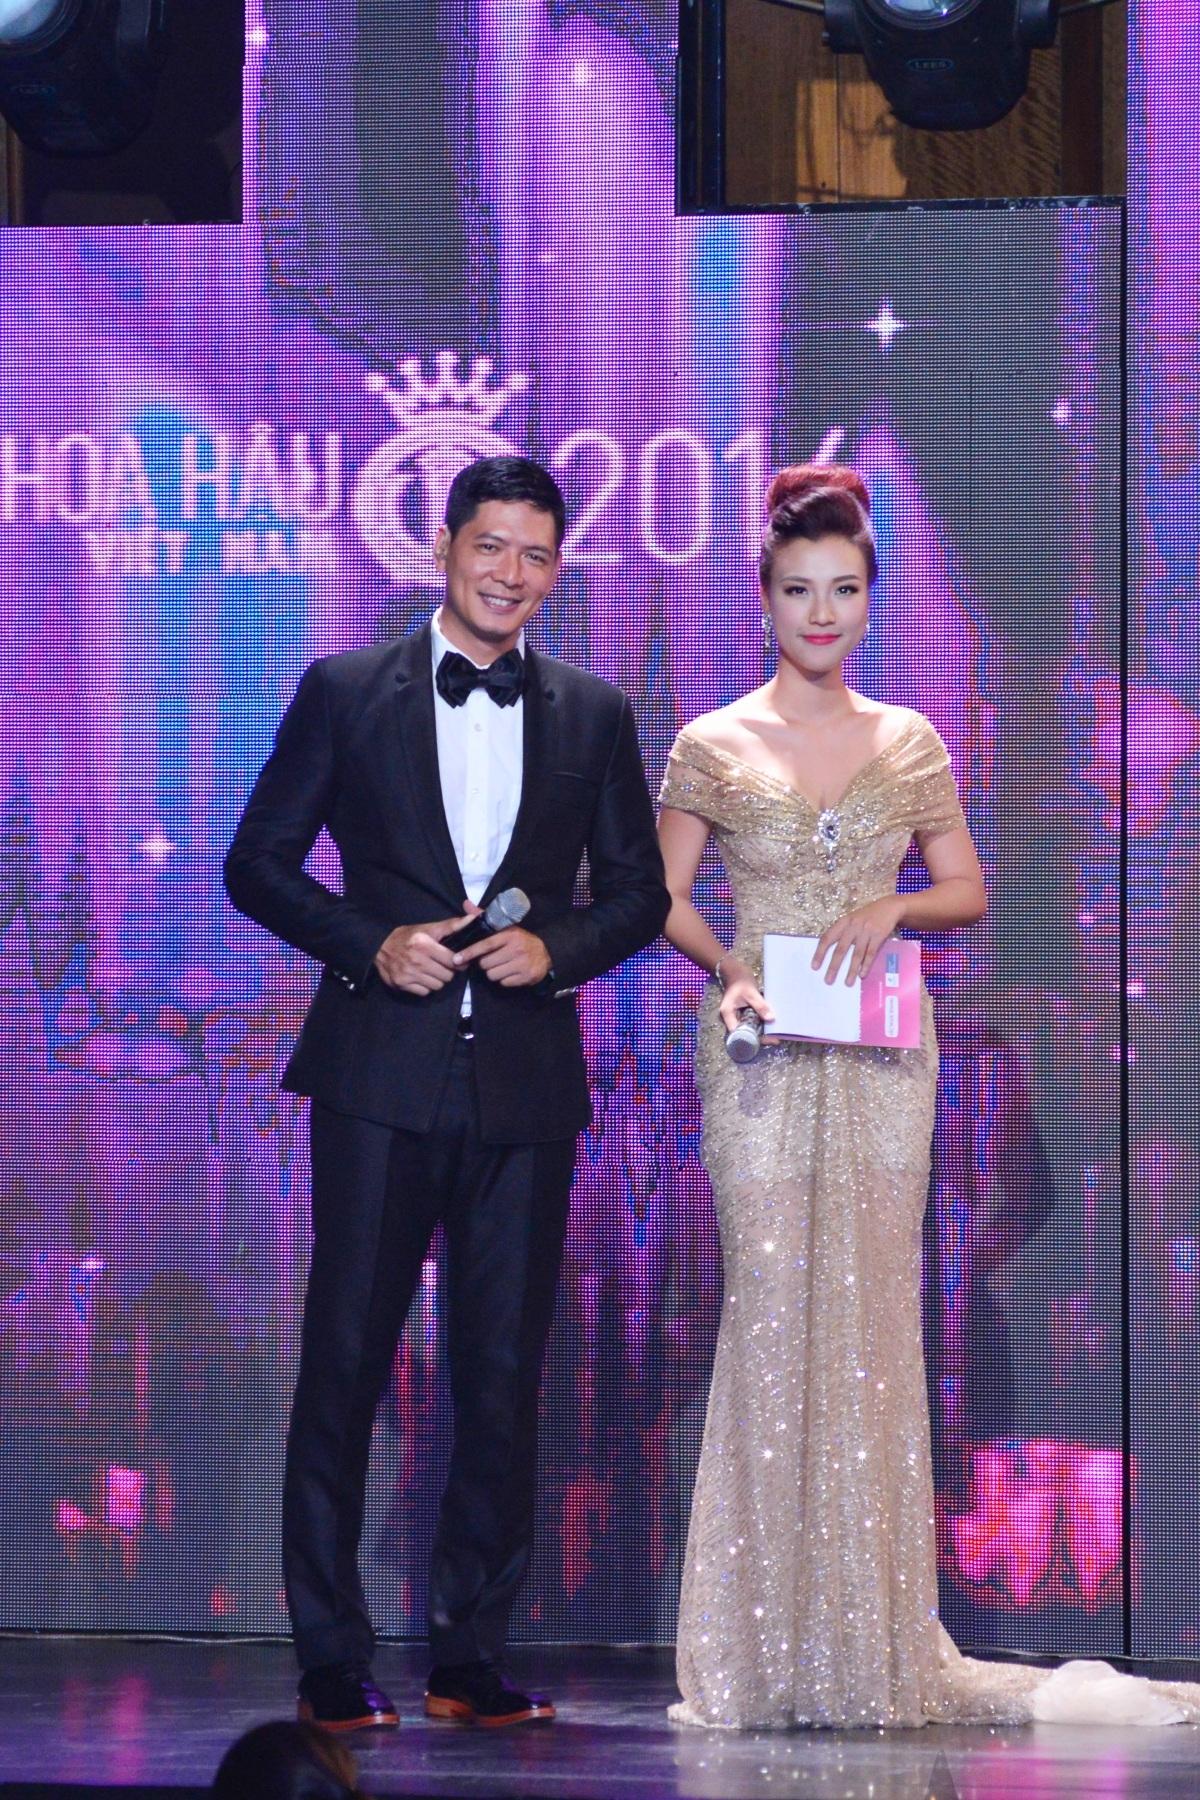 Diễn viên Bình Minh và á hậu Hoàng Oanh dẫn chương trình đêm chung khảo phía Nam